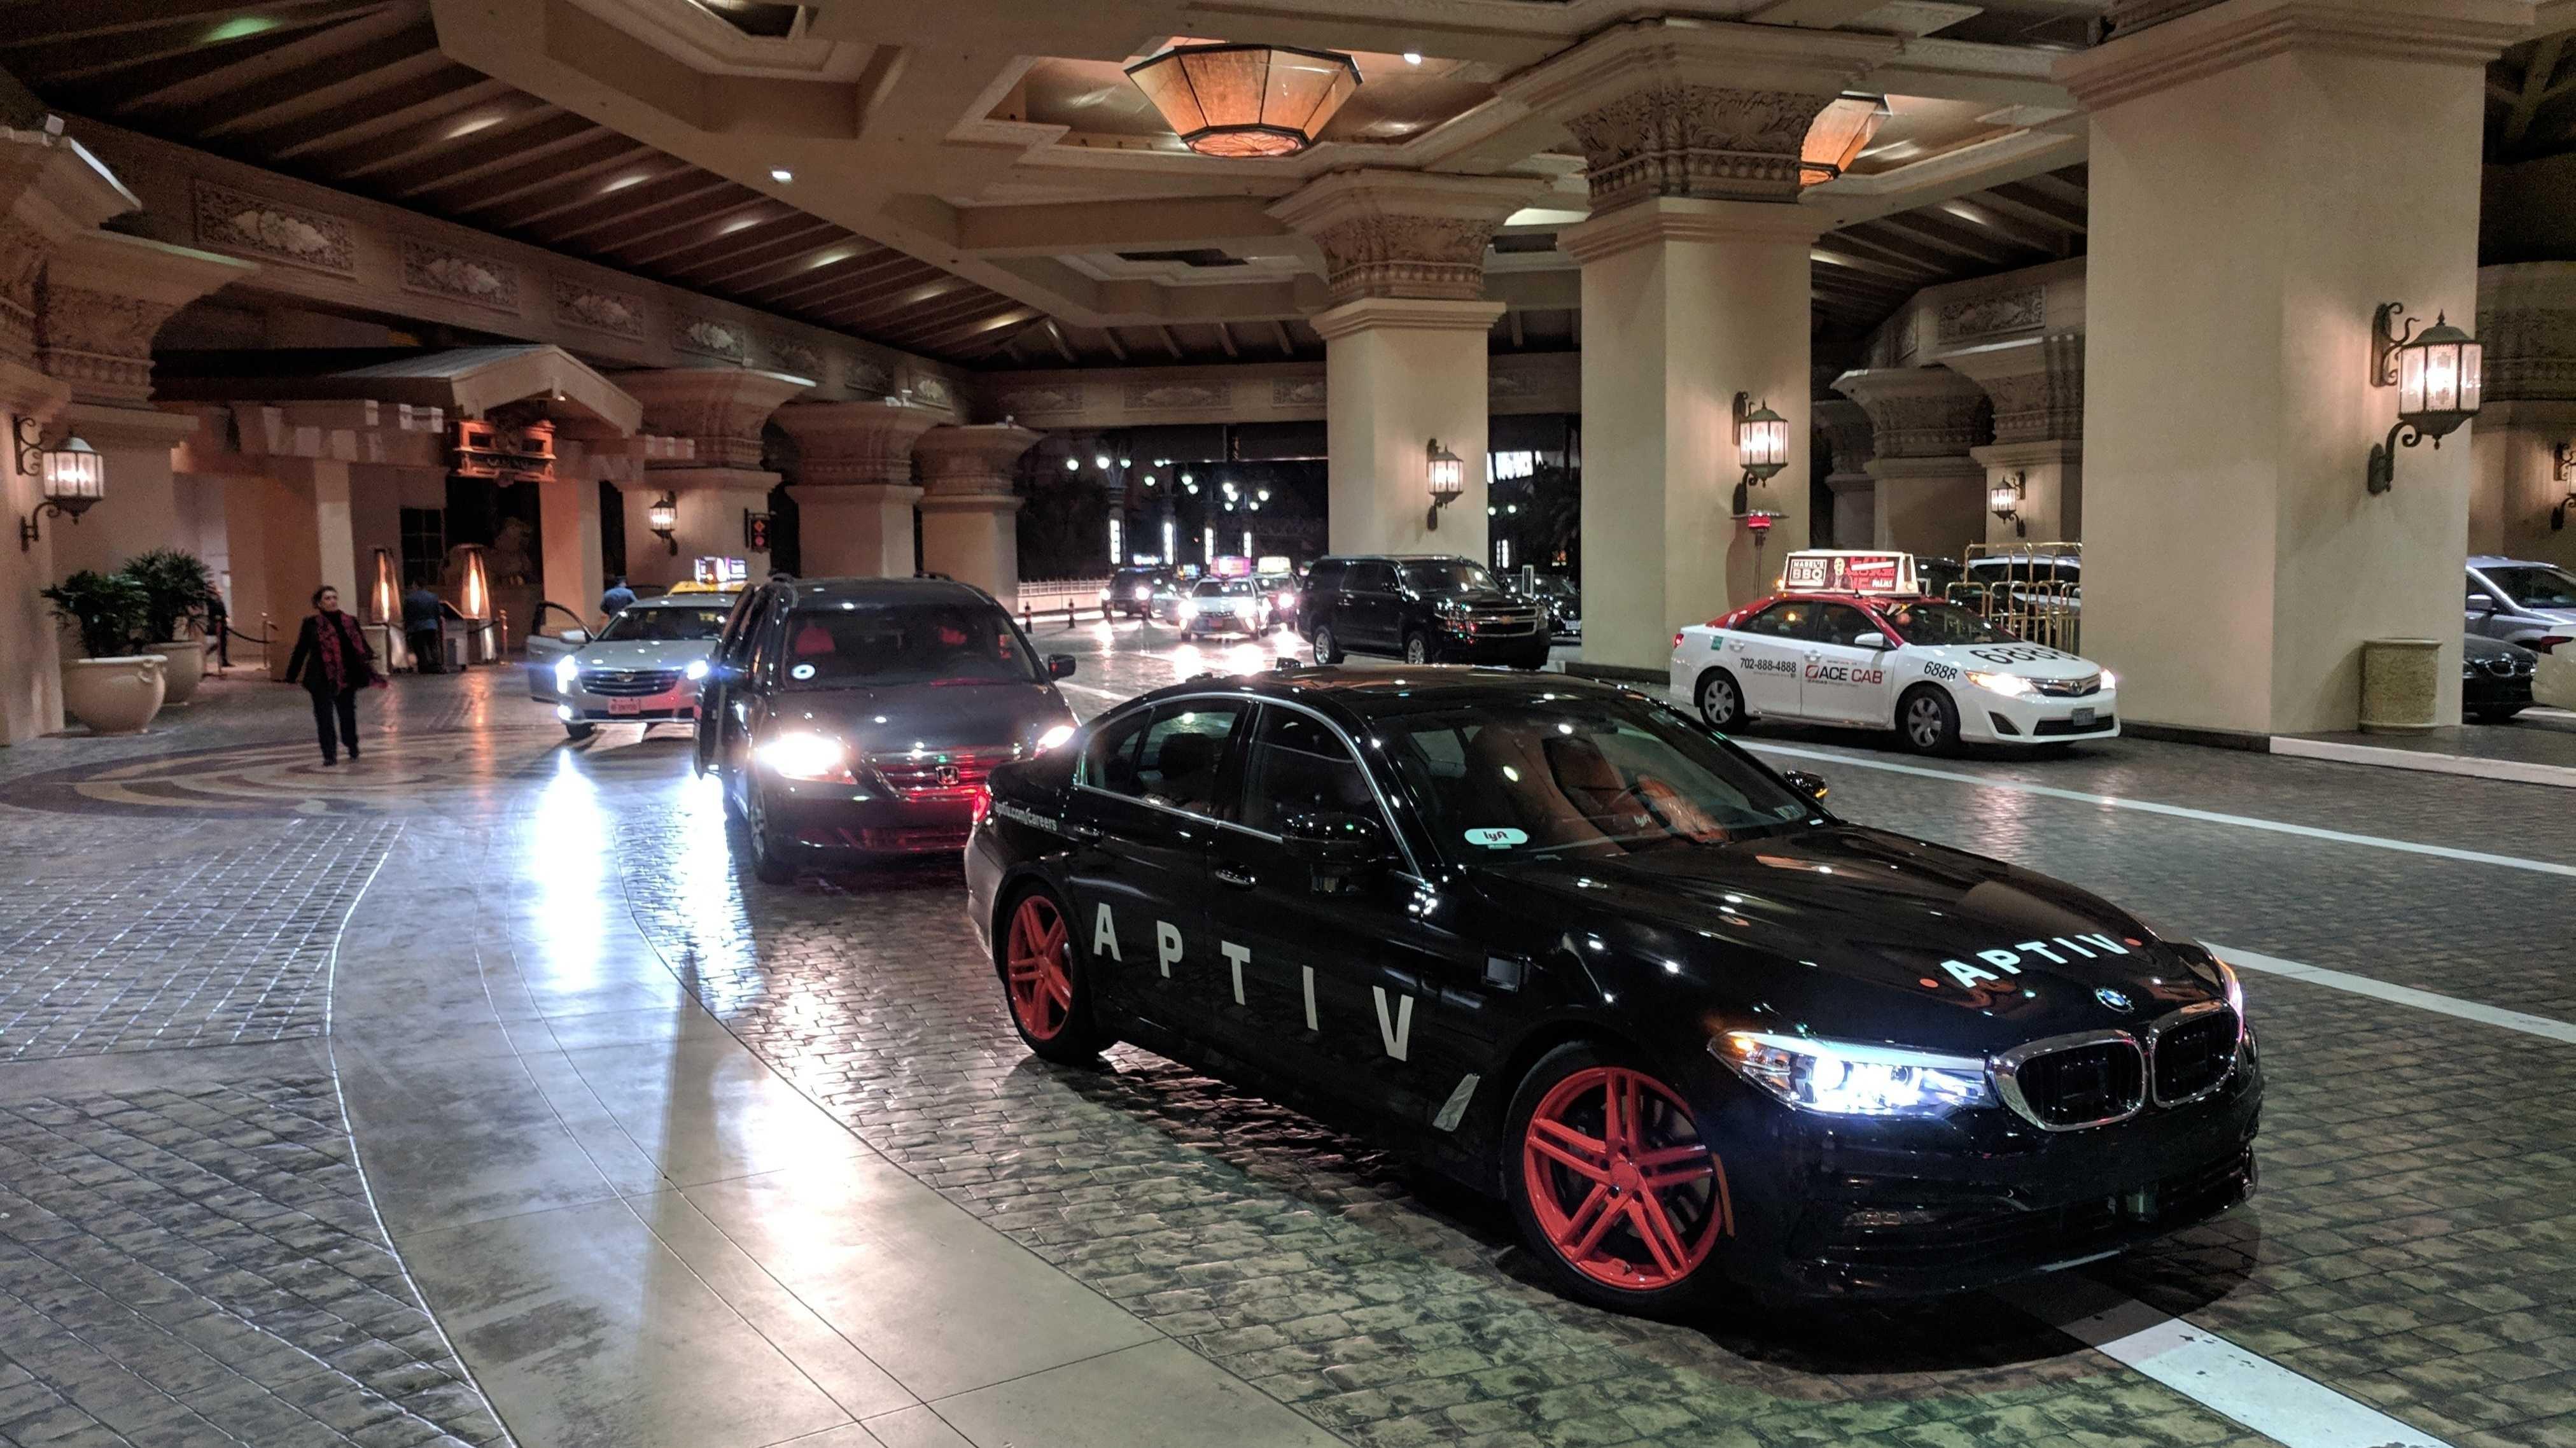 Lyft-Aptiv-BMW vor einem Hotel in Las Vegas